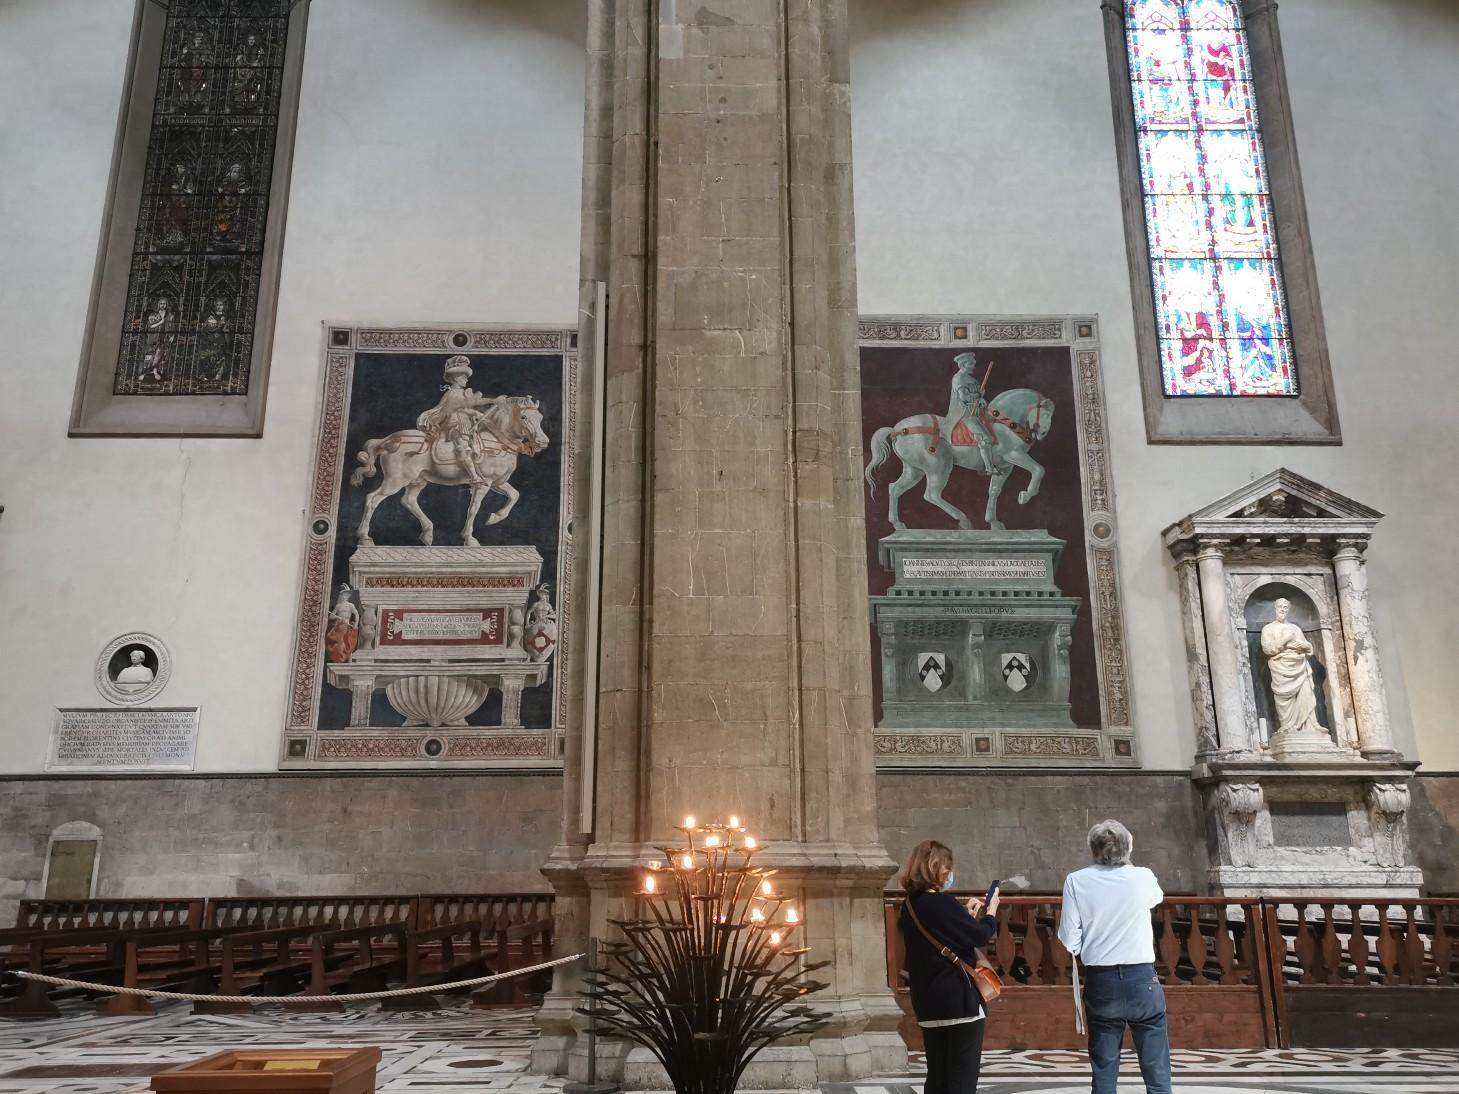 祈り〜フィレンツェ、サンタマリア・デル・フィオーレ大聖堂_f0106597_06141400.jpg